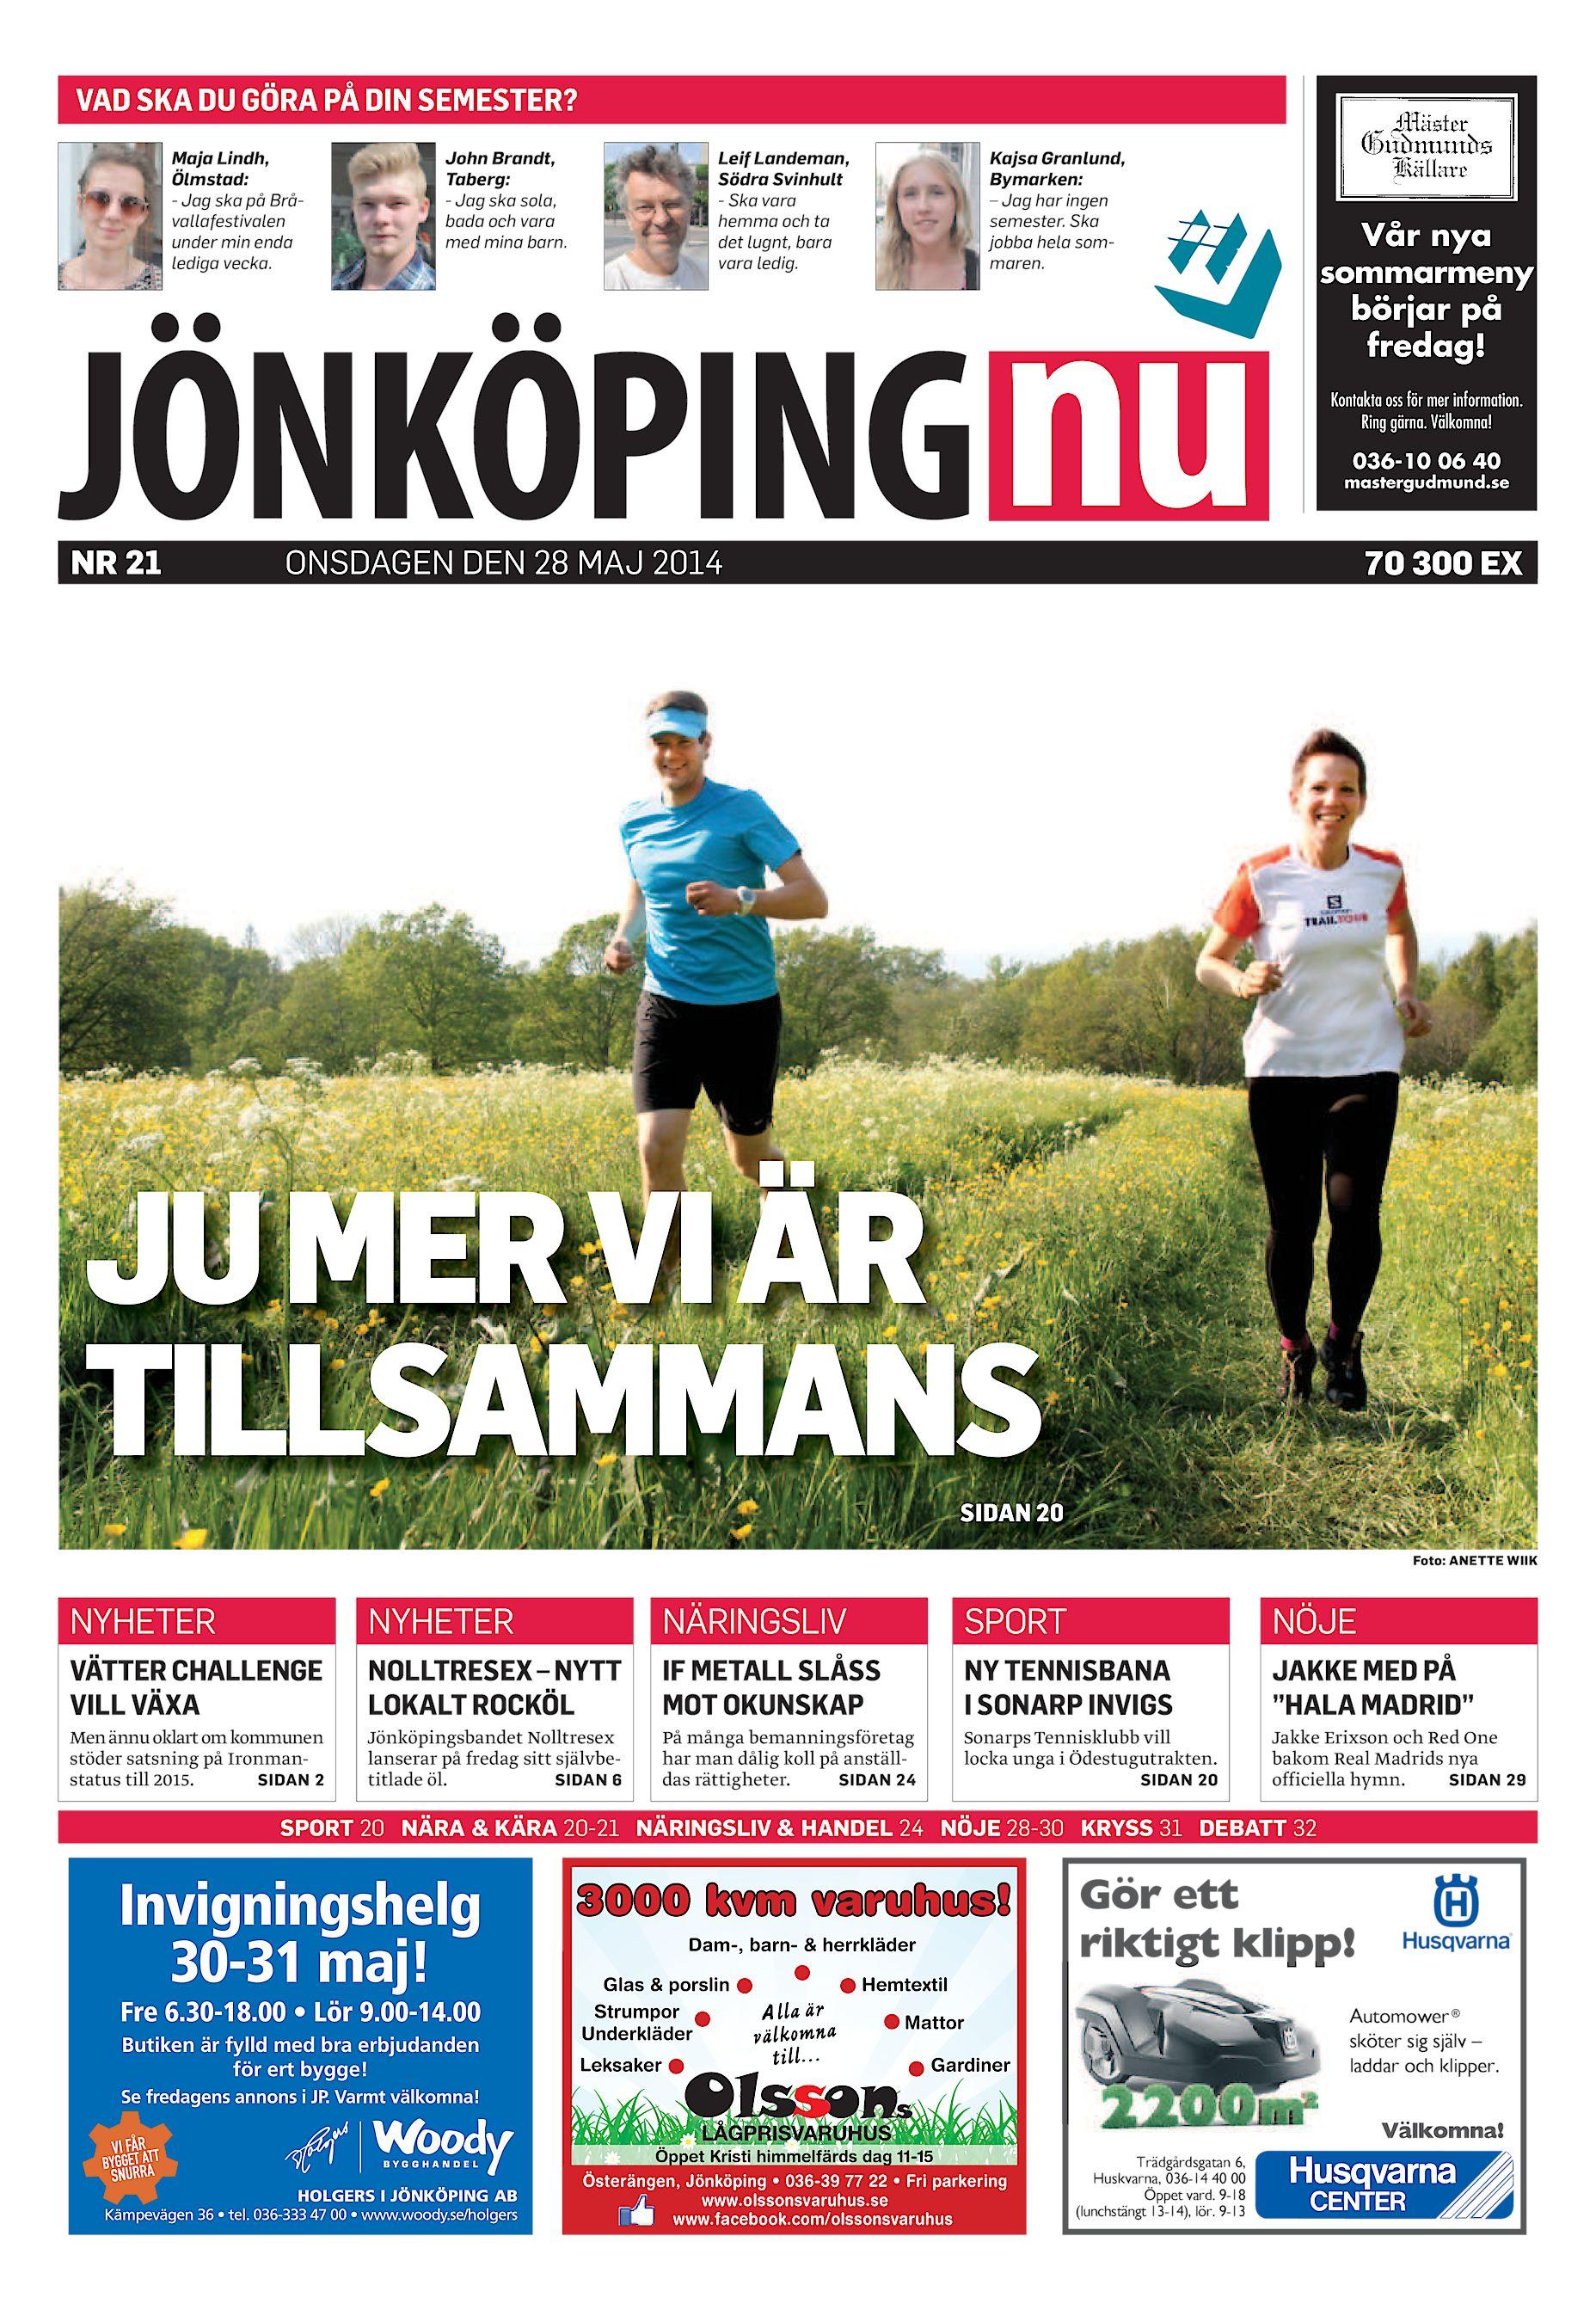 sports shoes e685b 6acb2 Jönköping.nu JNU-20140528 (endast text)